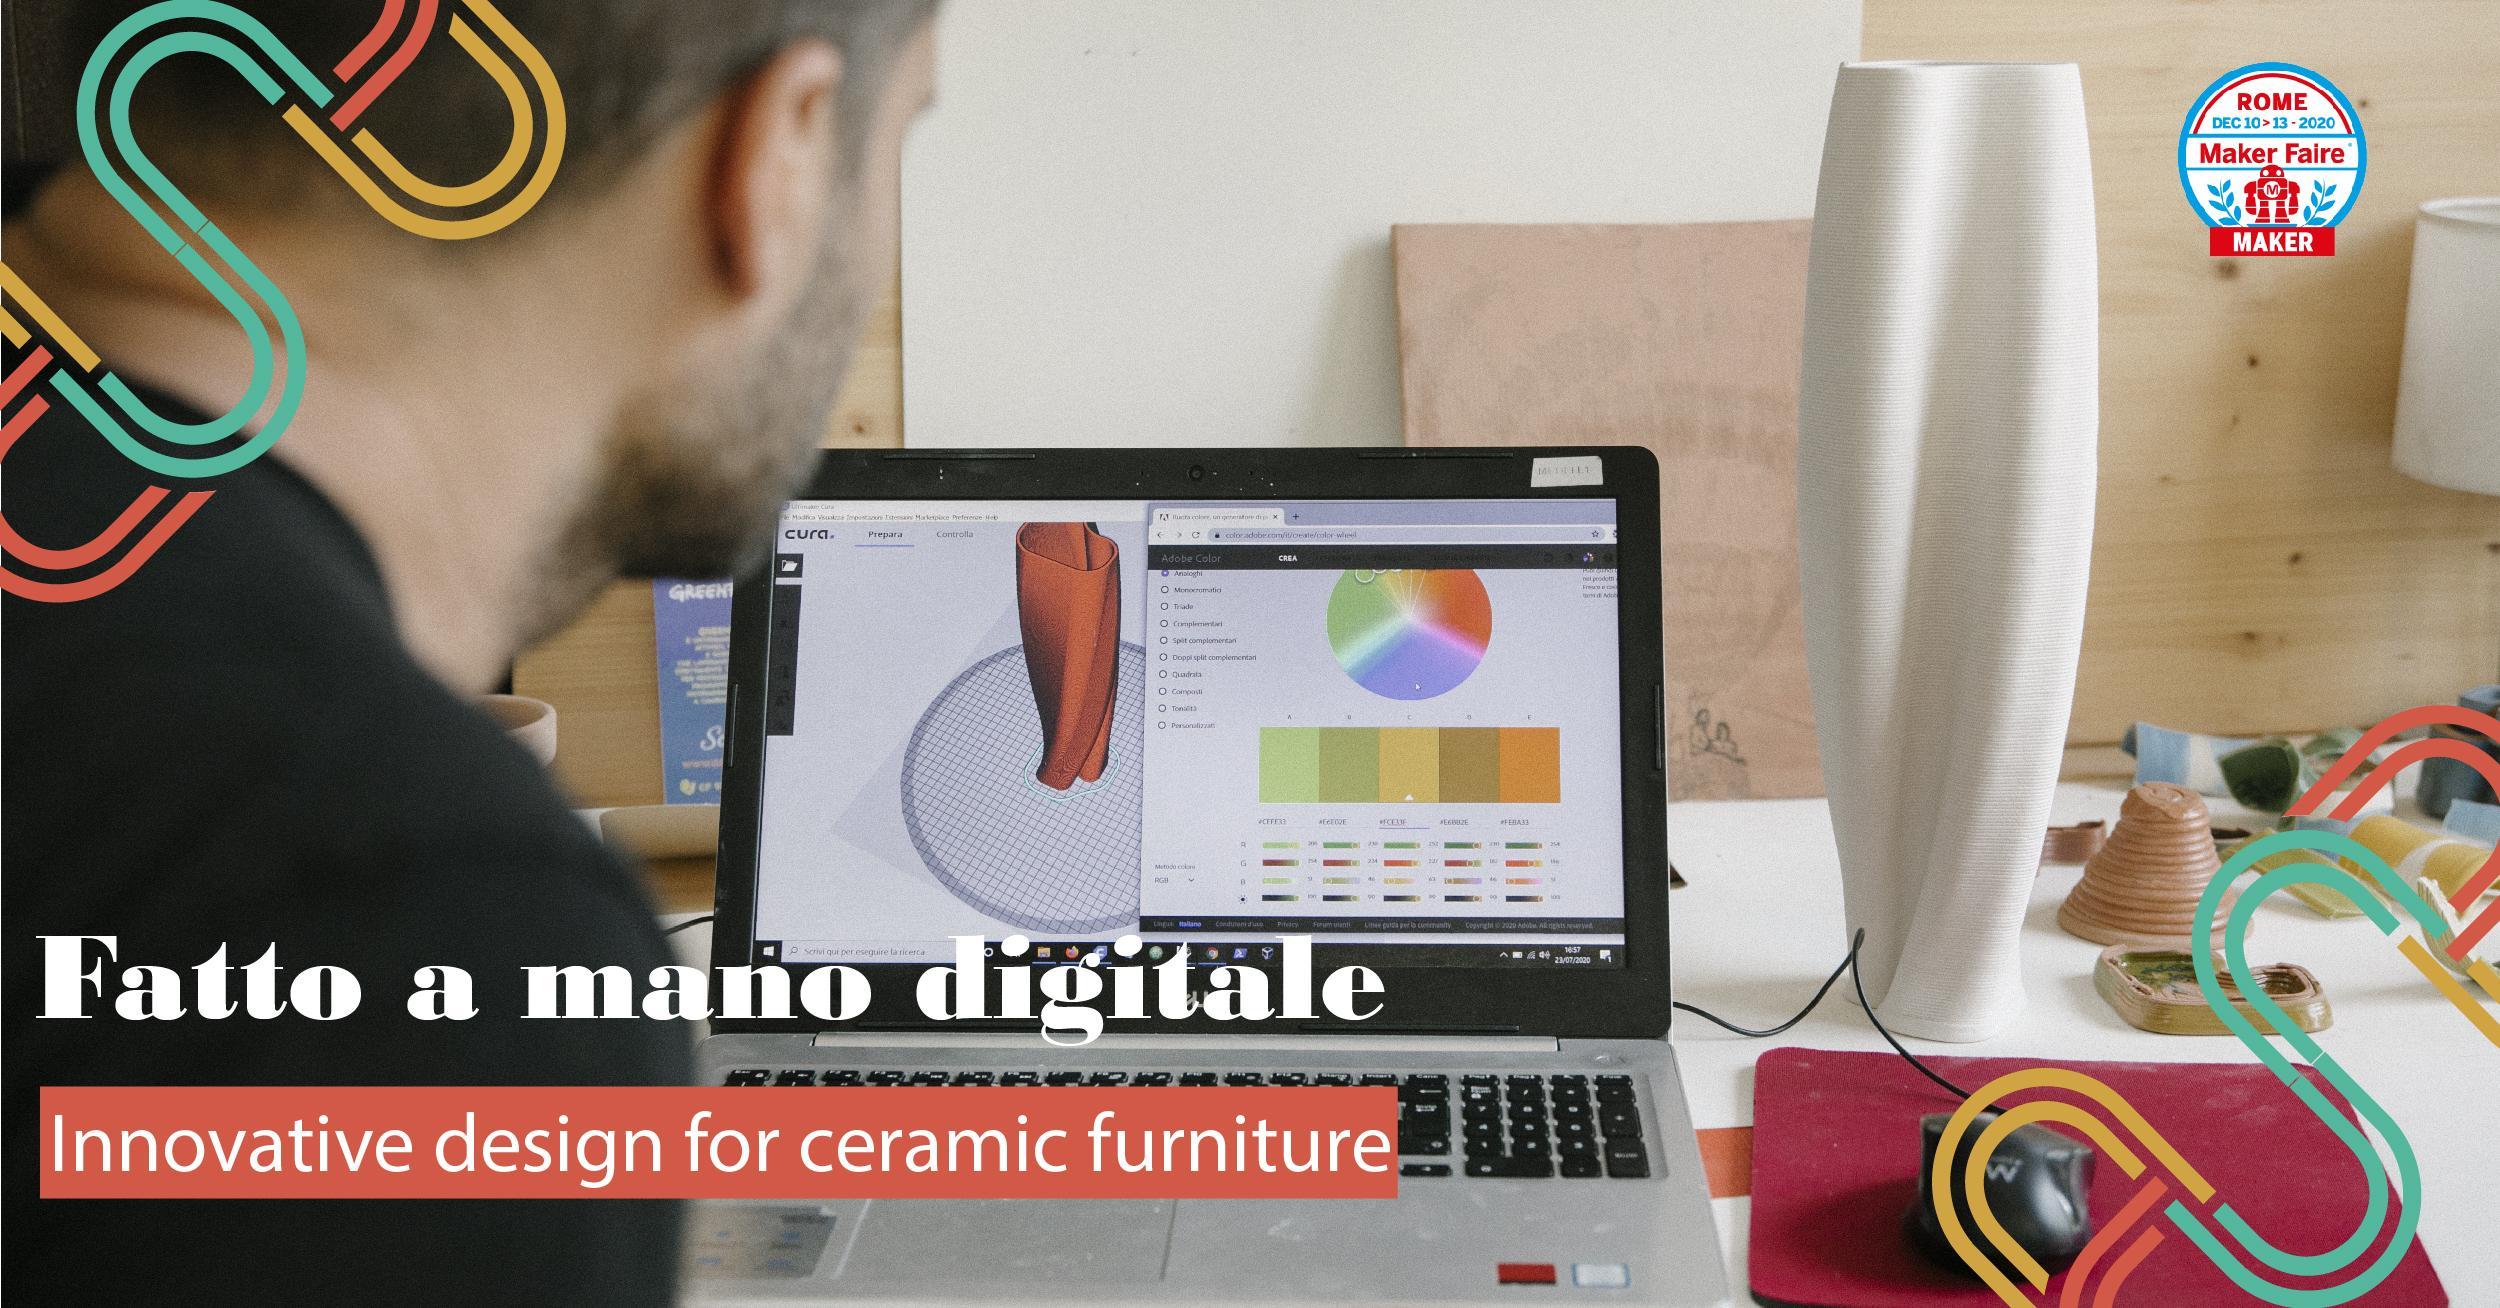 FATTO A MANO DIGITALE_ INNOVATIVE DESIGN FOR CERAMIC FURNITURE